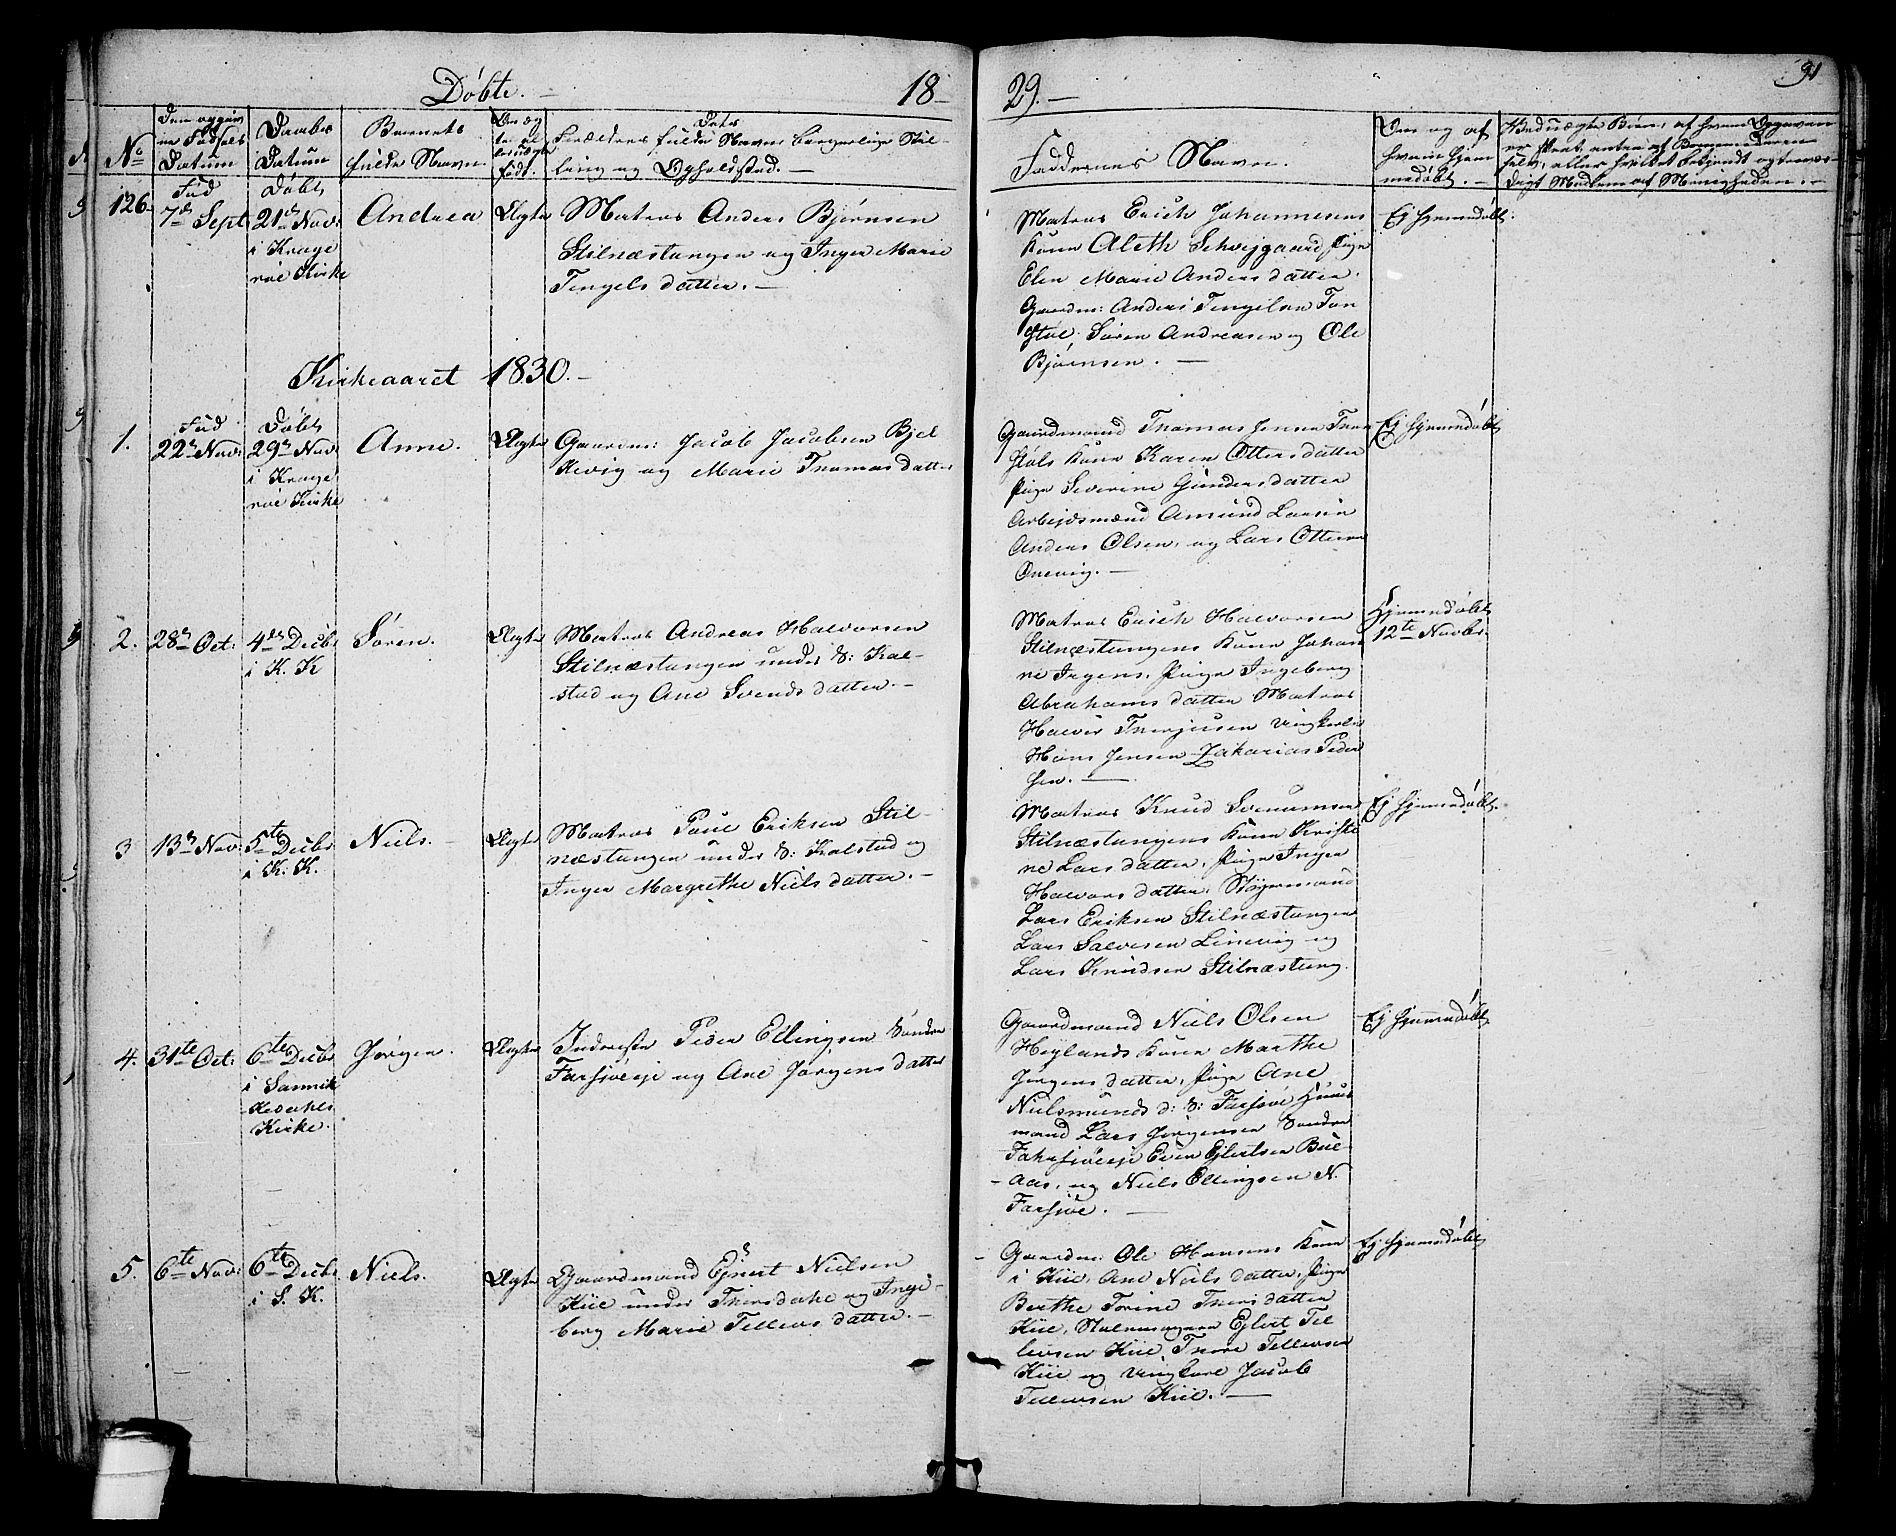 SAKO, Sannidal kirkebøker, F/Fa/L0005: Ministerialbok nr. 5, 1823-1830, s. 91